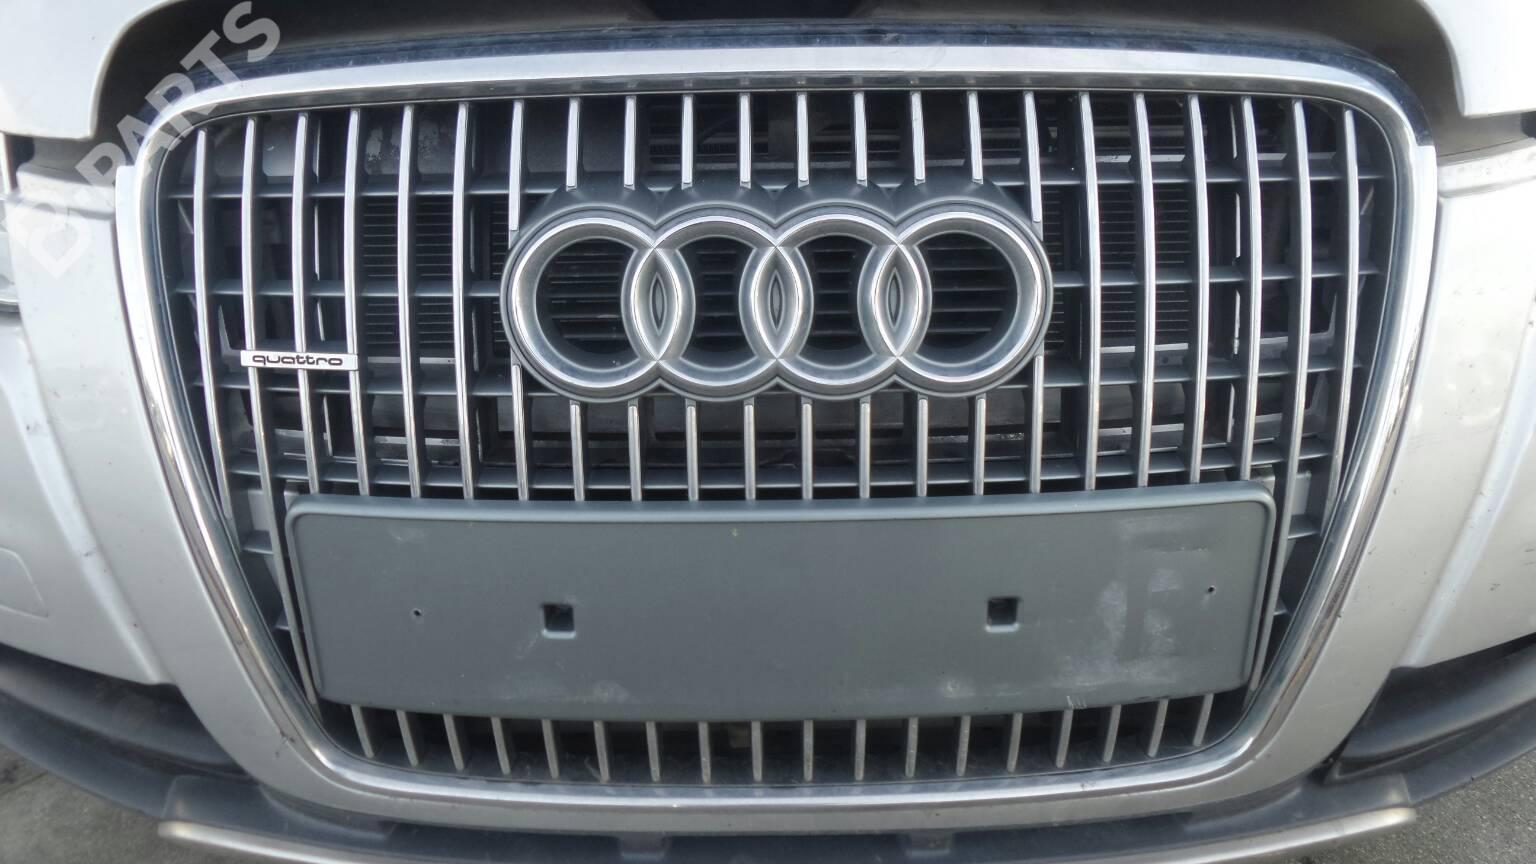 Filtre à air pour Audi A6 Allroad Avant 2.7 3.0 TDI QUATTRO 2.8 3.2 4.2 Fsi